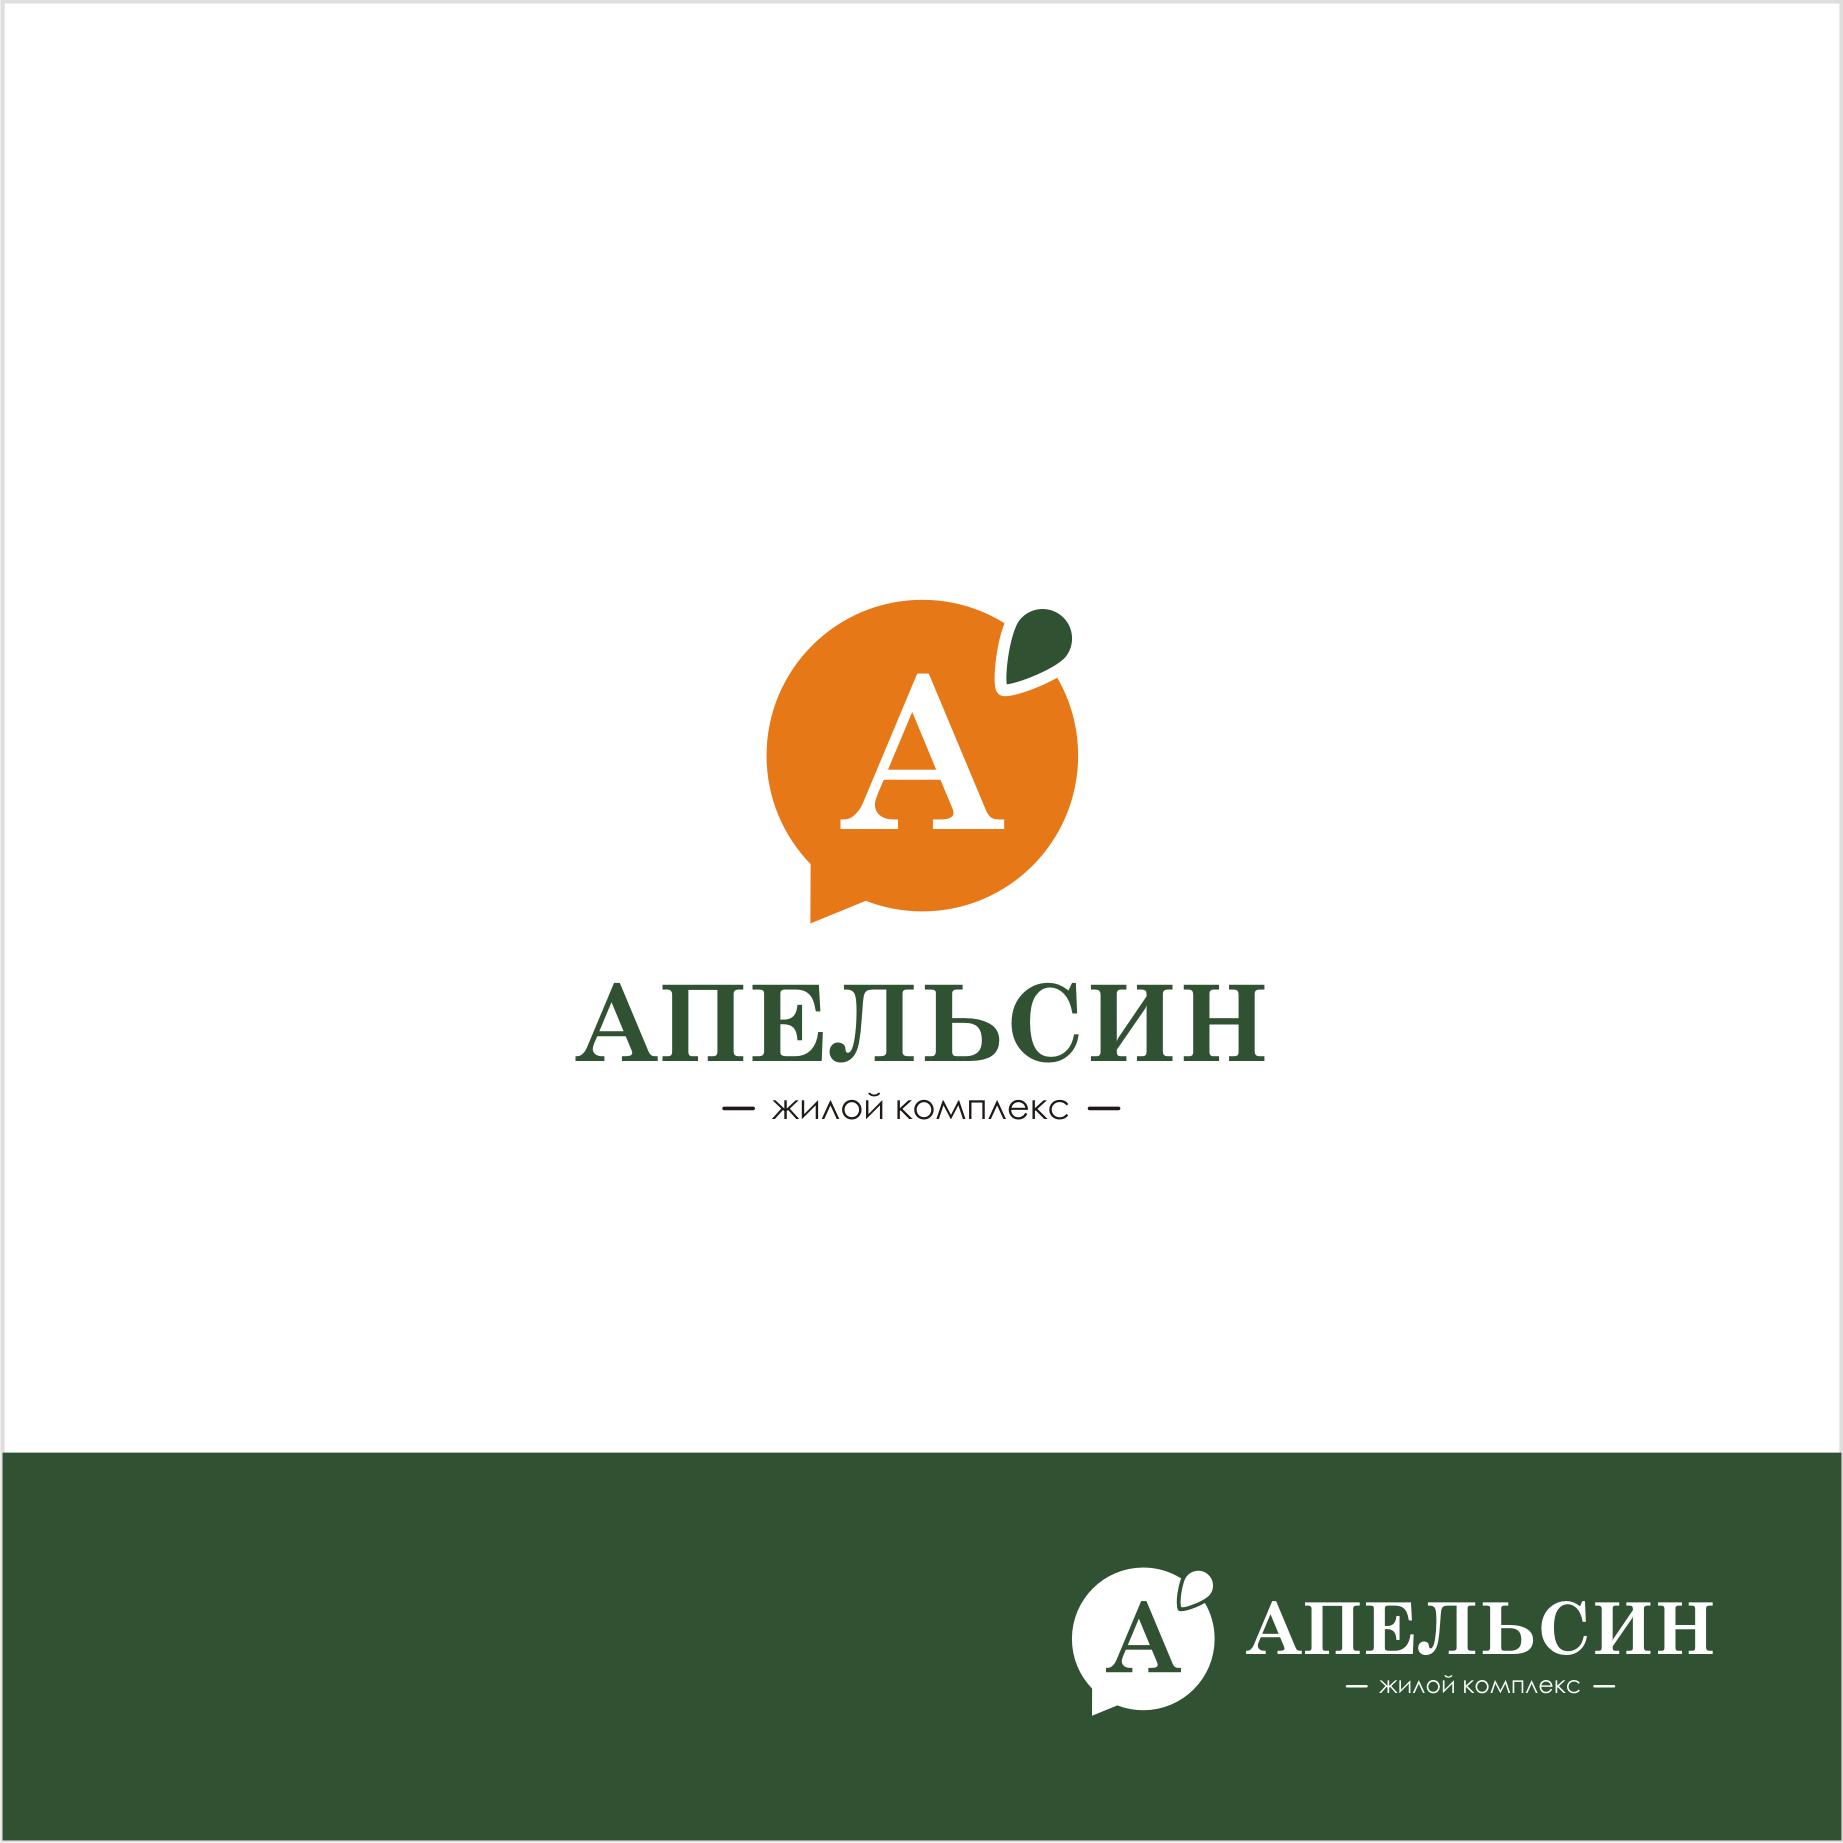 Логотип и фирменный стиль фото f_3785a672b25e372a.png